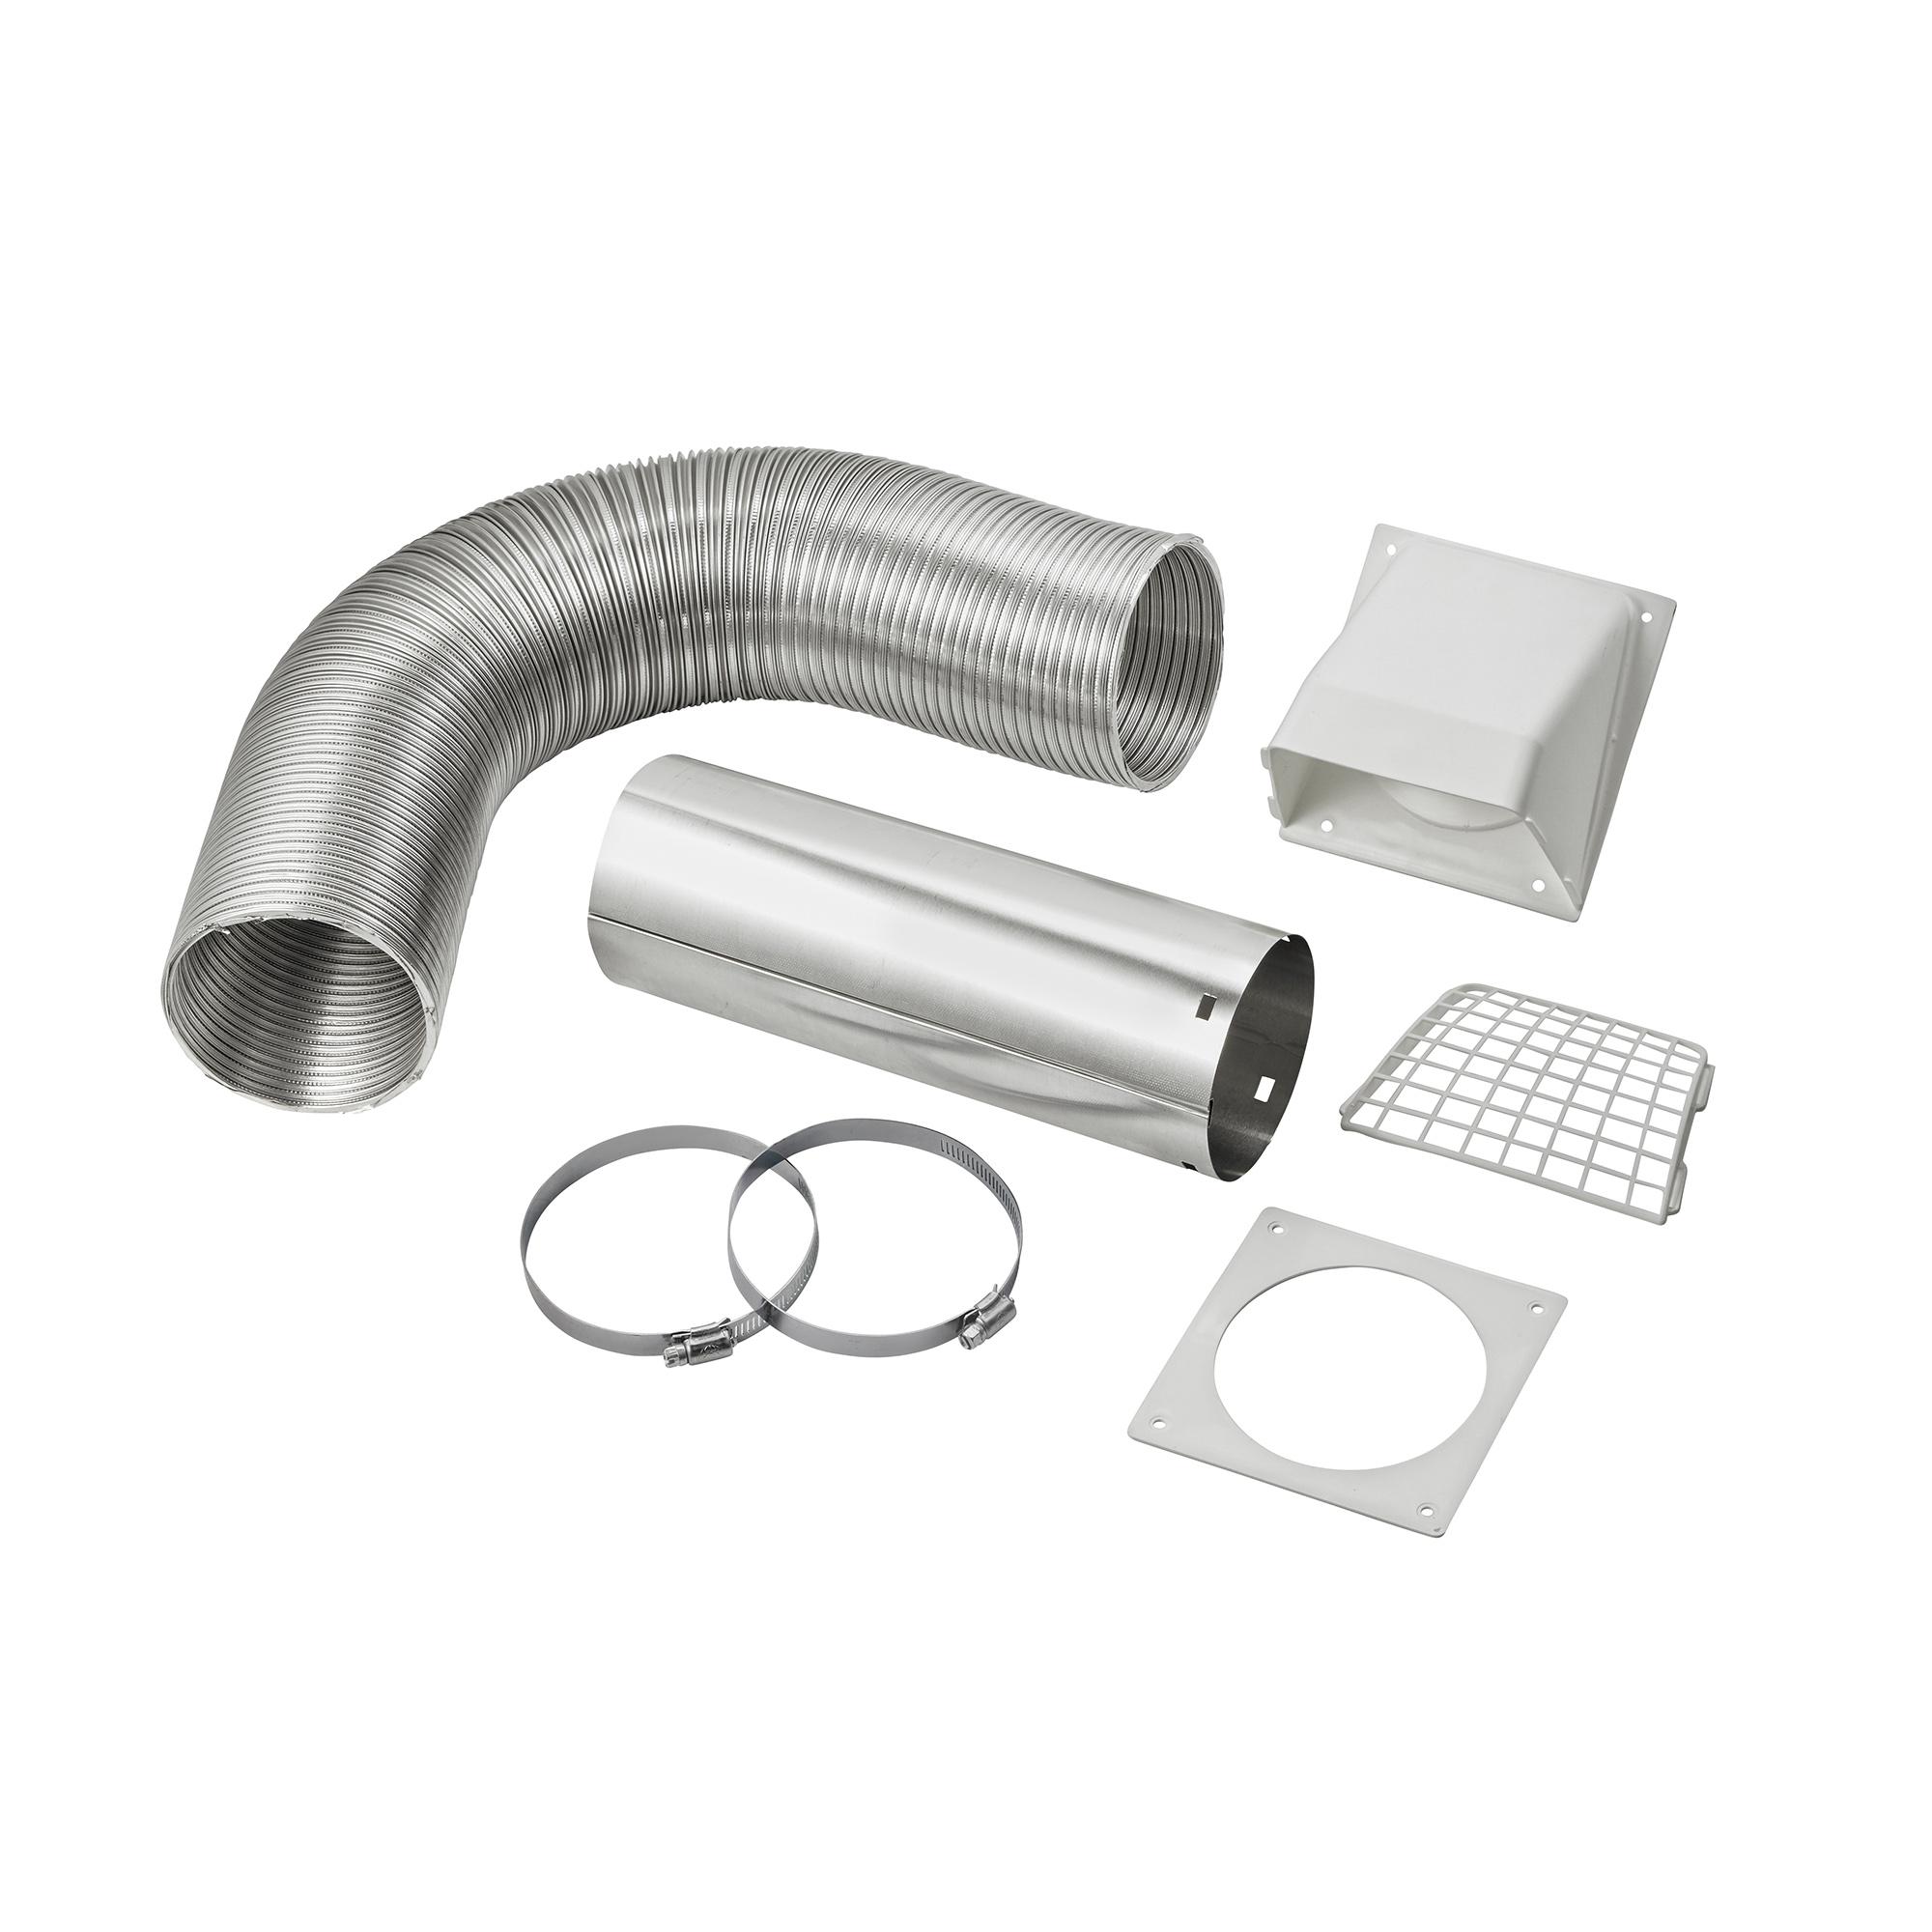 4 Quot X 8 Flexible Semi Rigid Aluminum Duct Preferred Hood